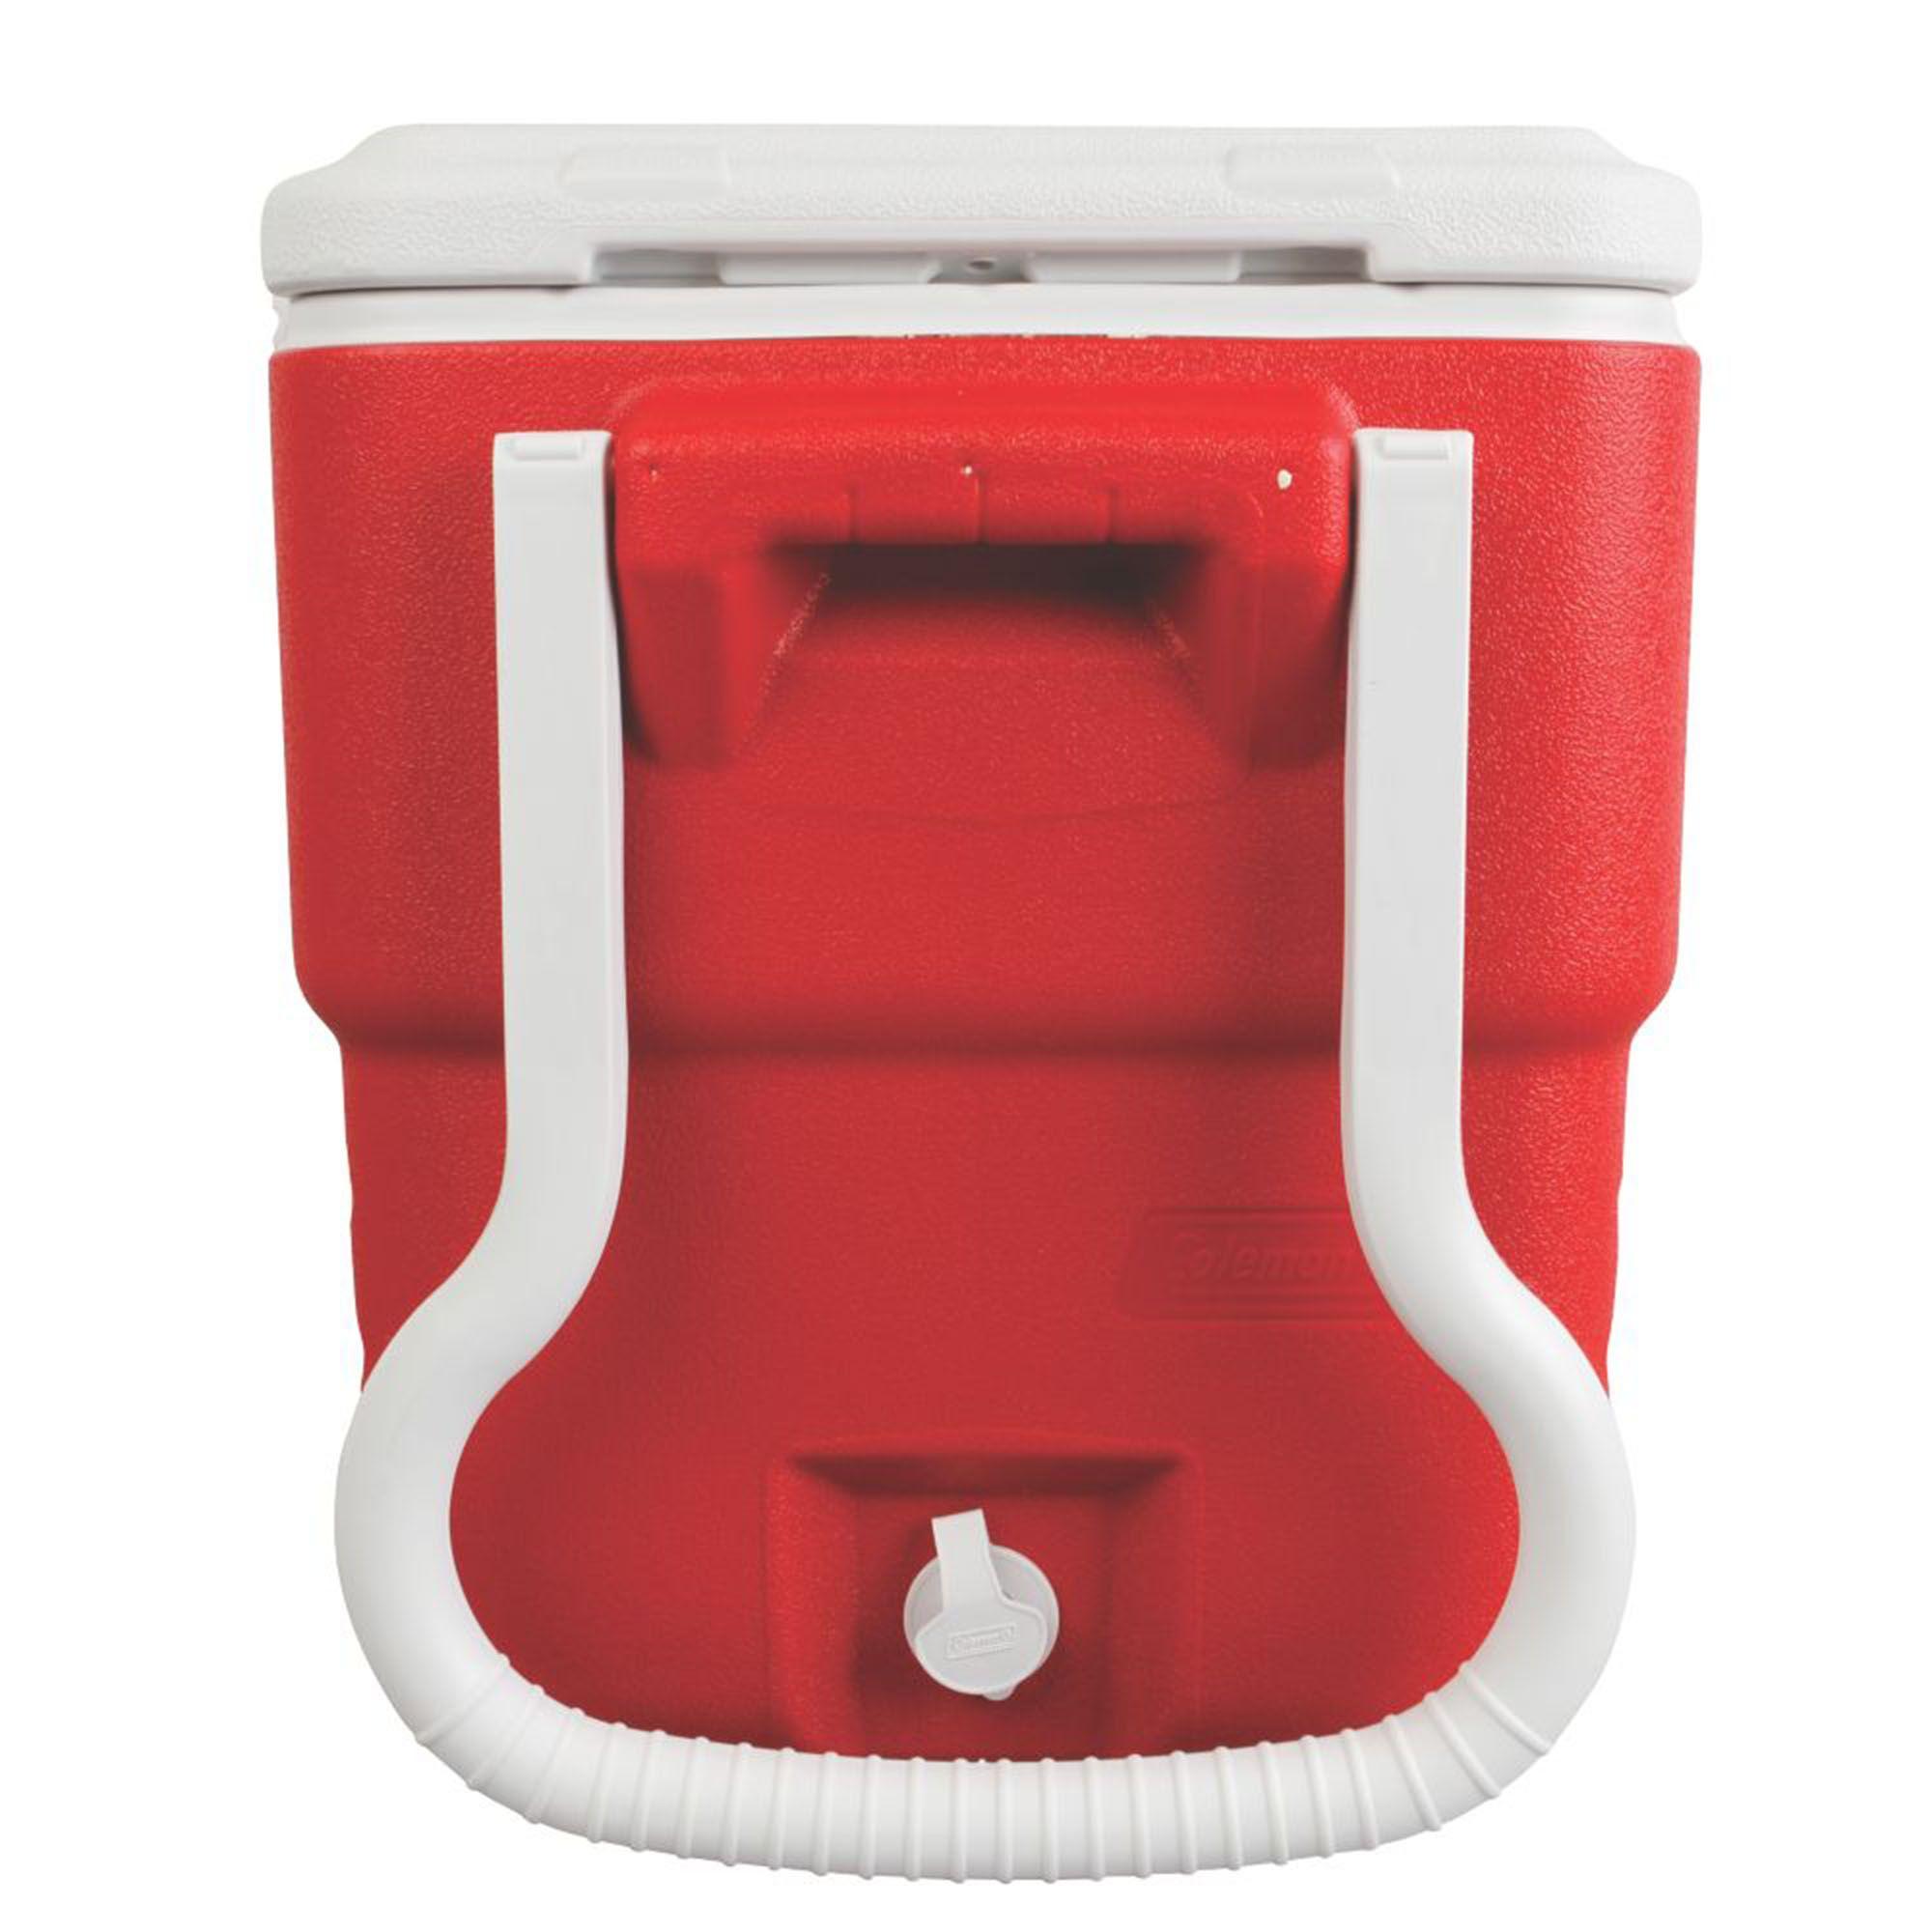 Caixa Térmica 40QT com Rodas Vermelha - Coleman